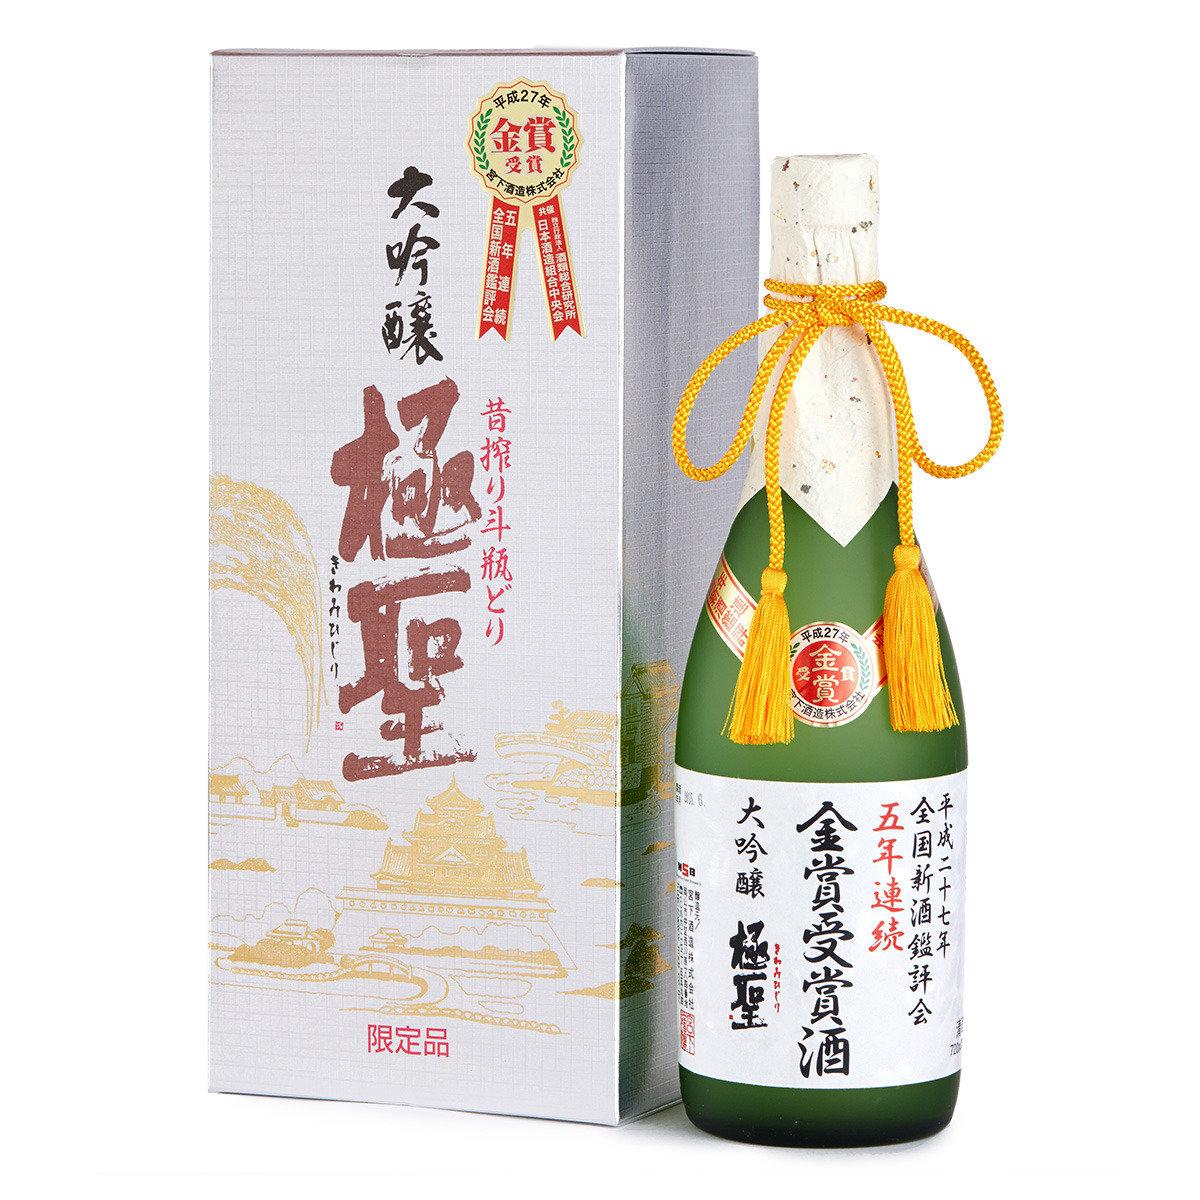 岡山 極聖 大吟釀 「金賞受賞酒」 (720毫升)